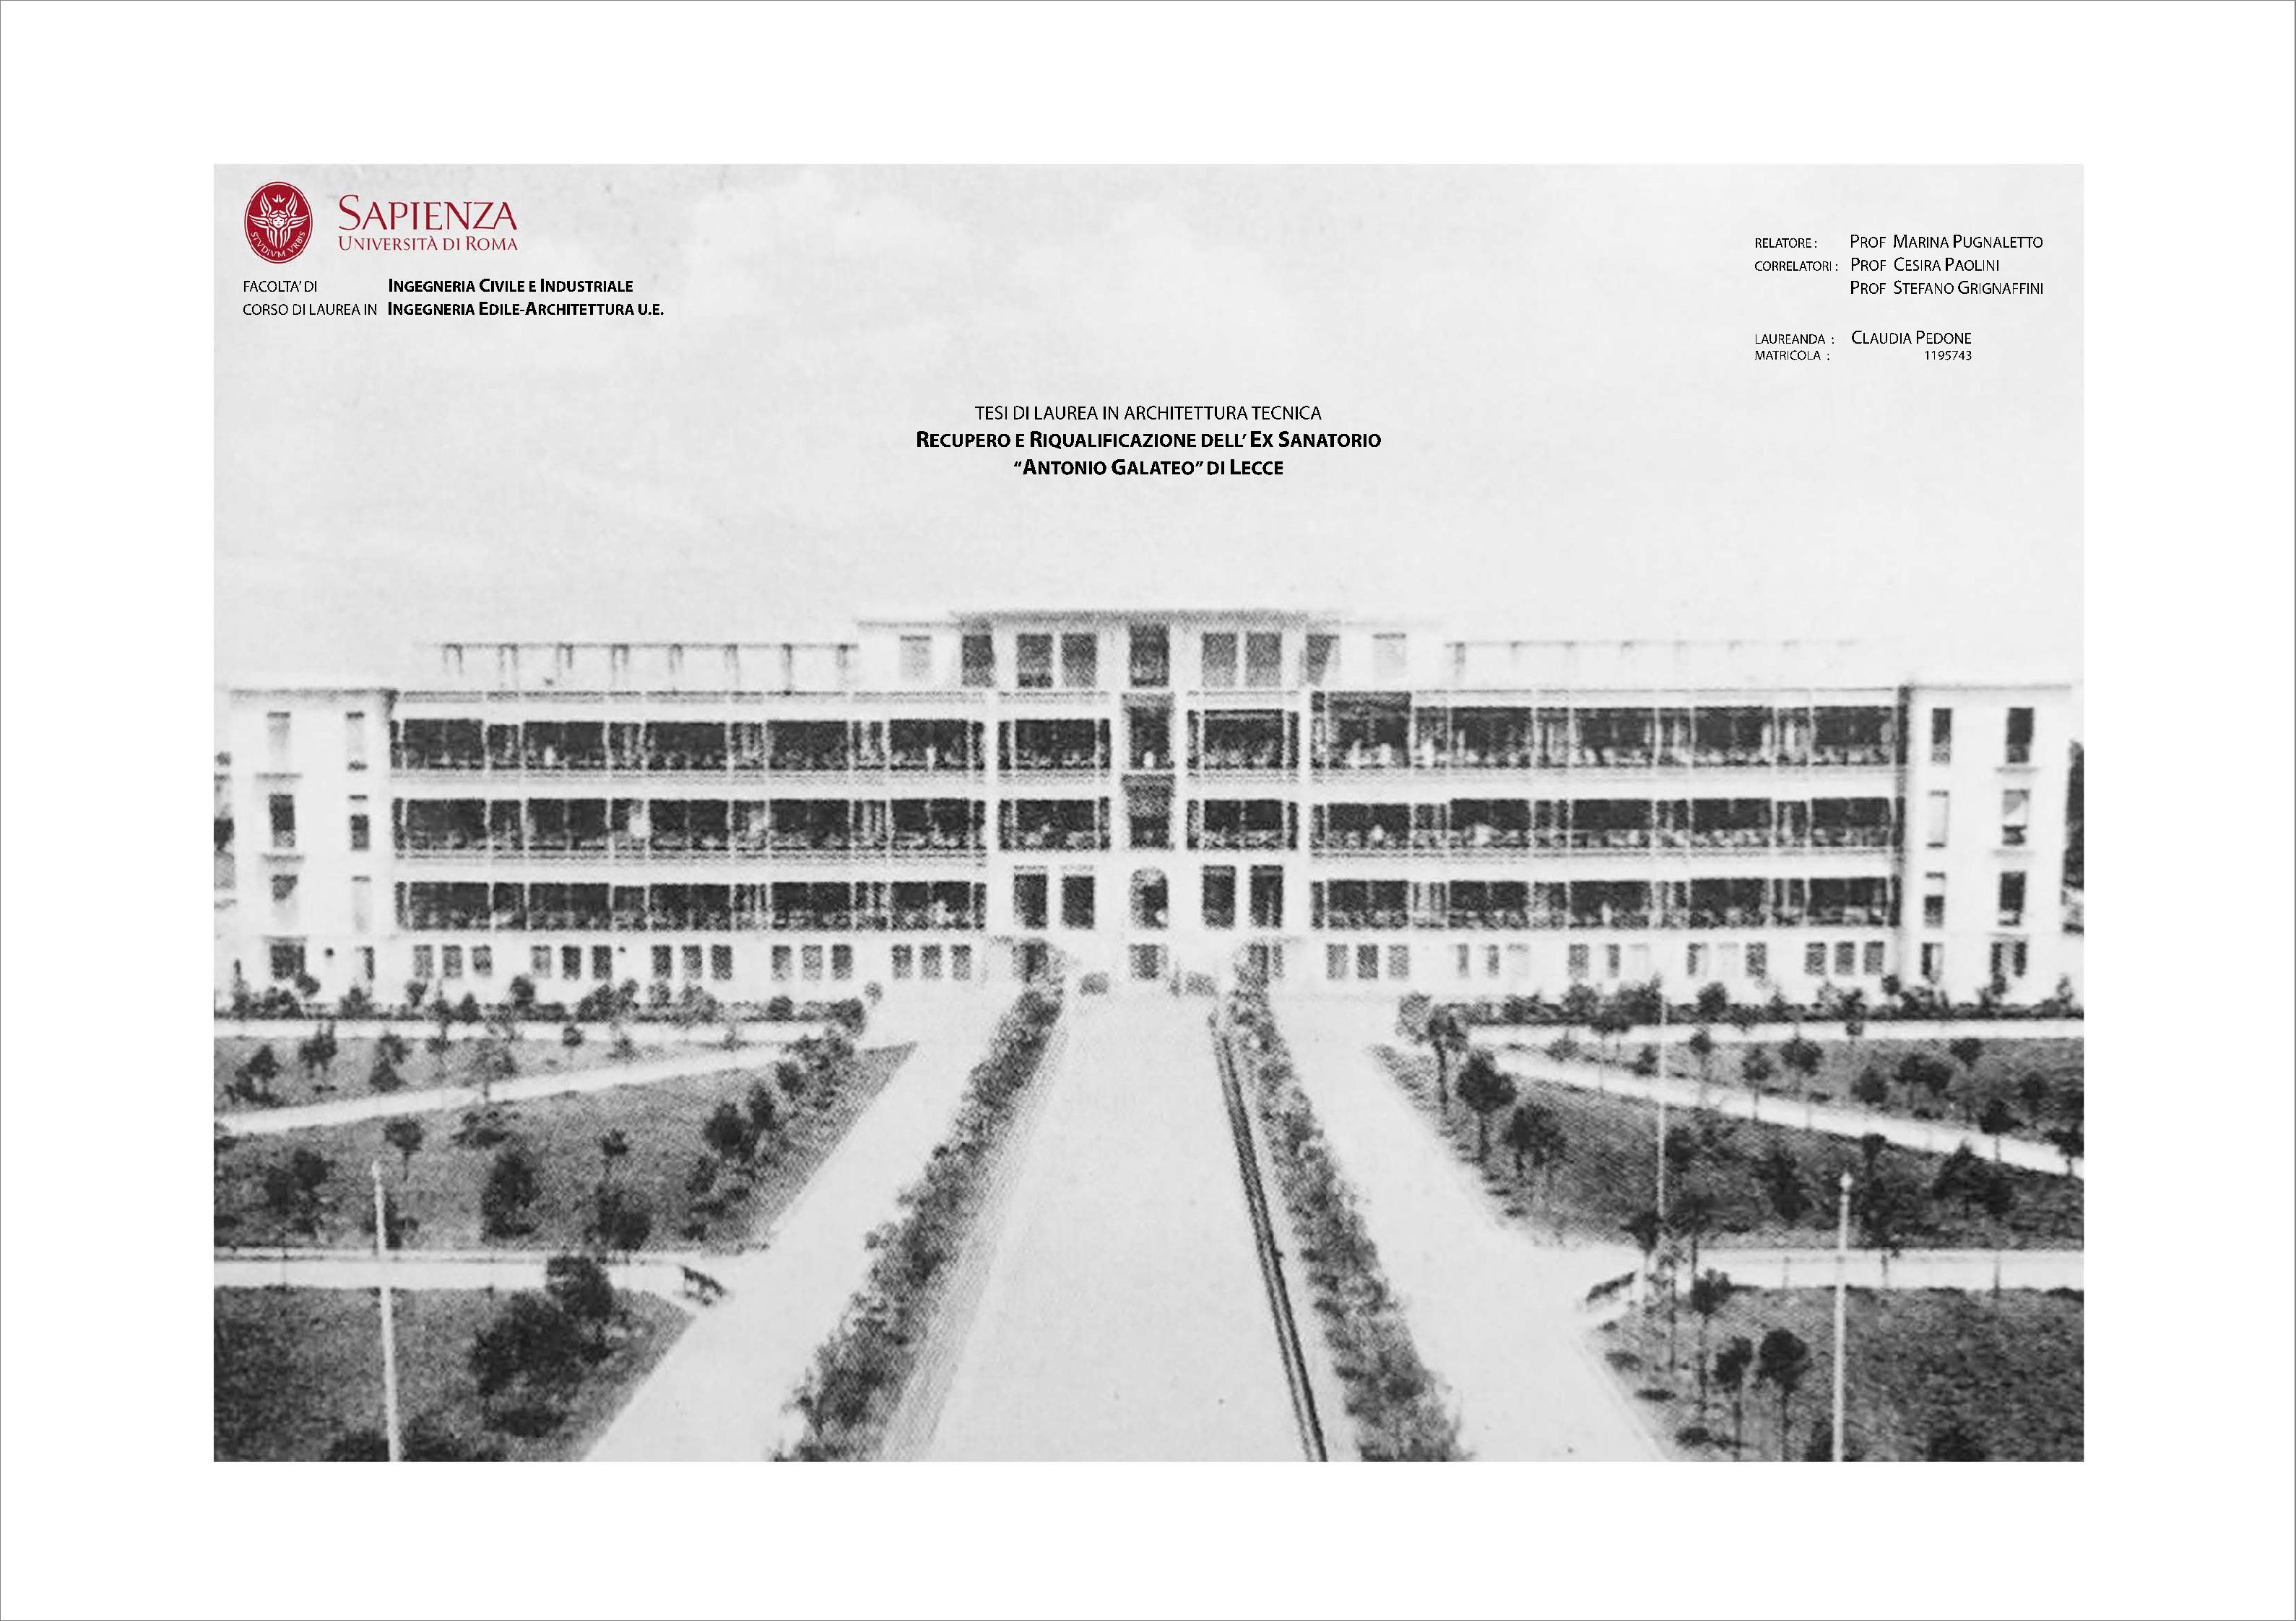 Anteprima della tesi: Recupero e riqualificazione dell'ex Sanatorio Antonio Galateo di Lecce, Pagina 1